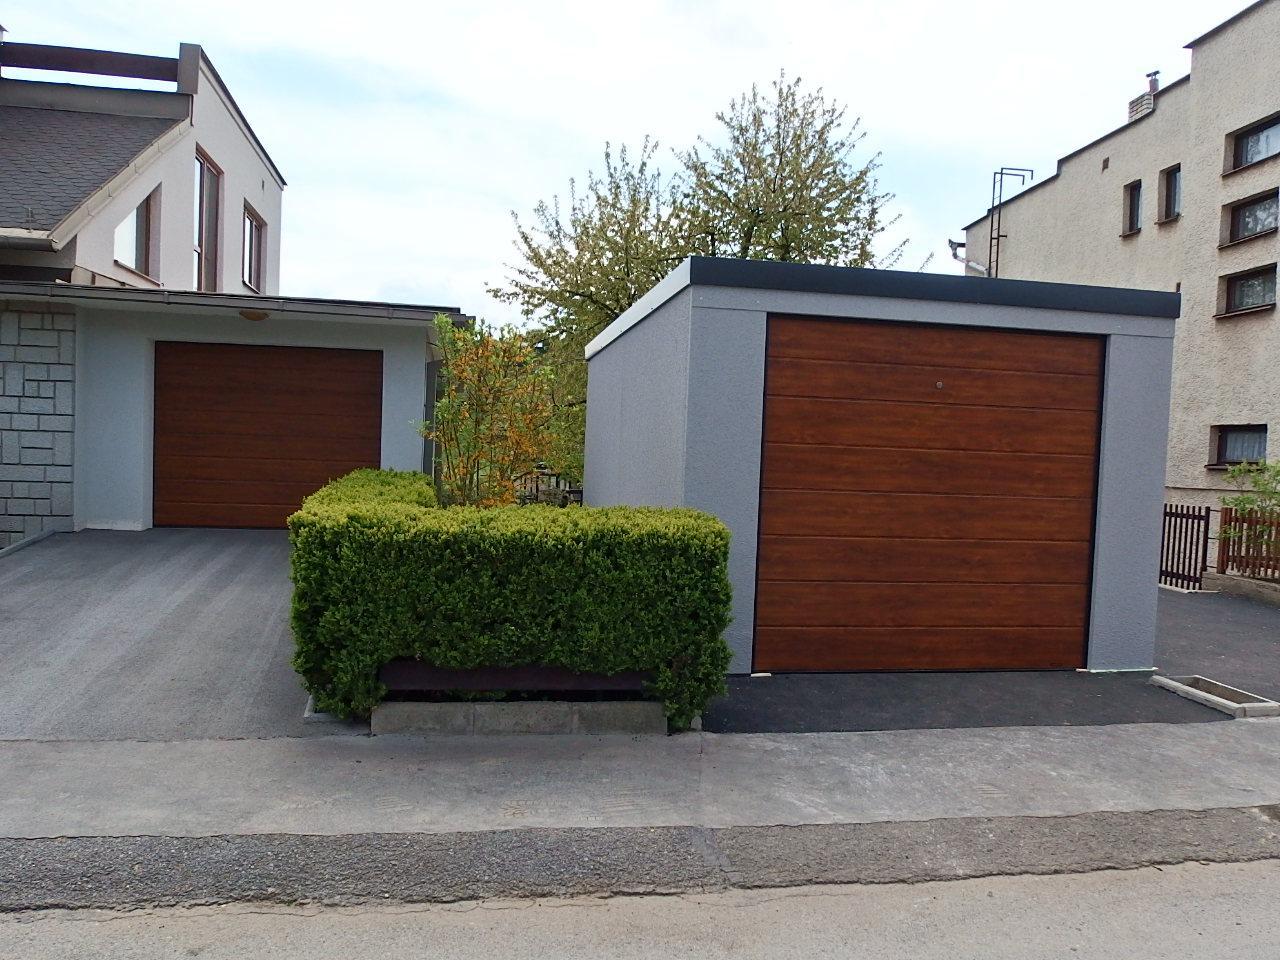 Montované garáže GARDEON - Garáž pre jedno auto so šedou omietkou a hnedou bránou